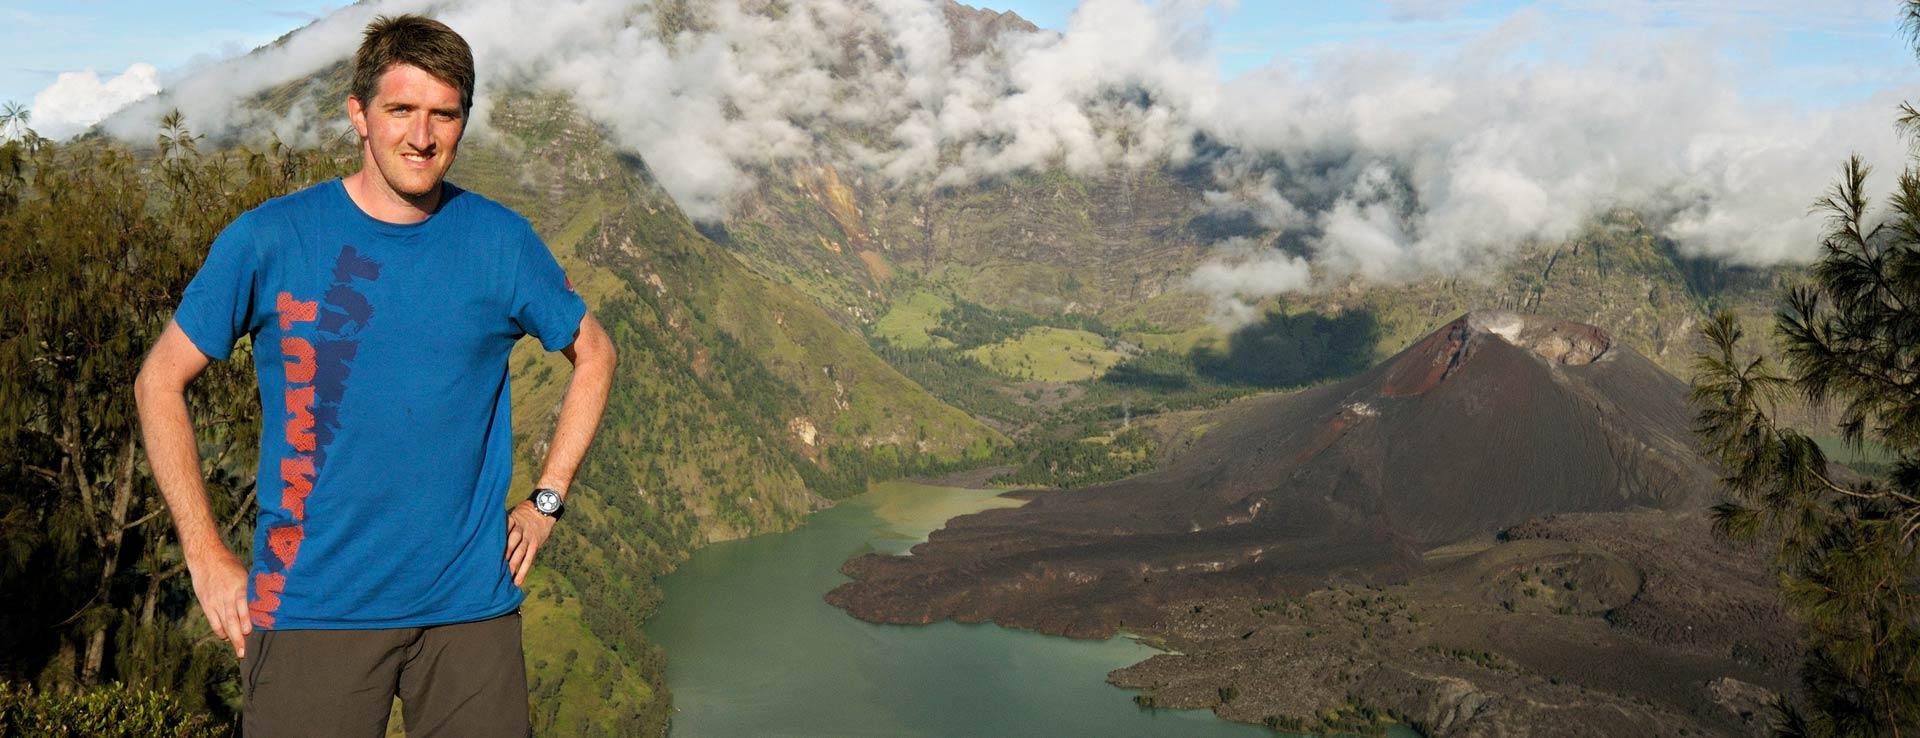 Pascal Boegli au bord du lac de cratère du volcan Rinjani, Indonésie